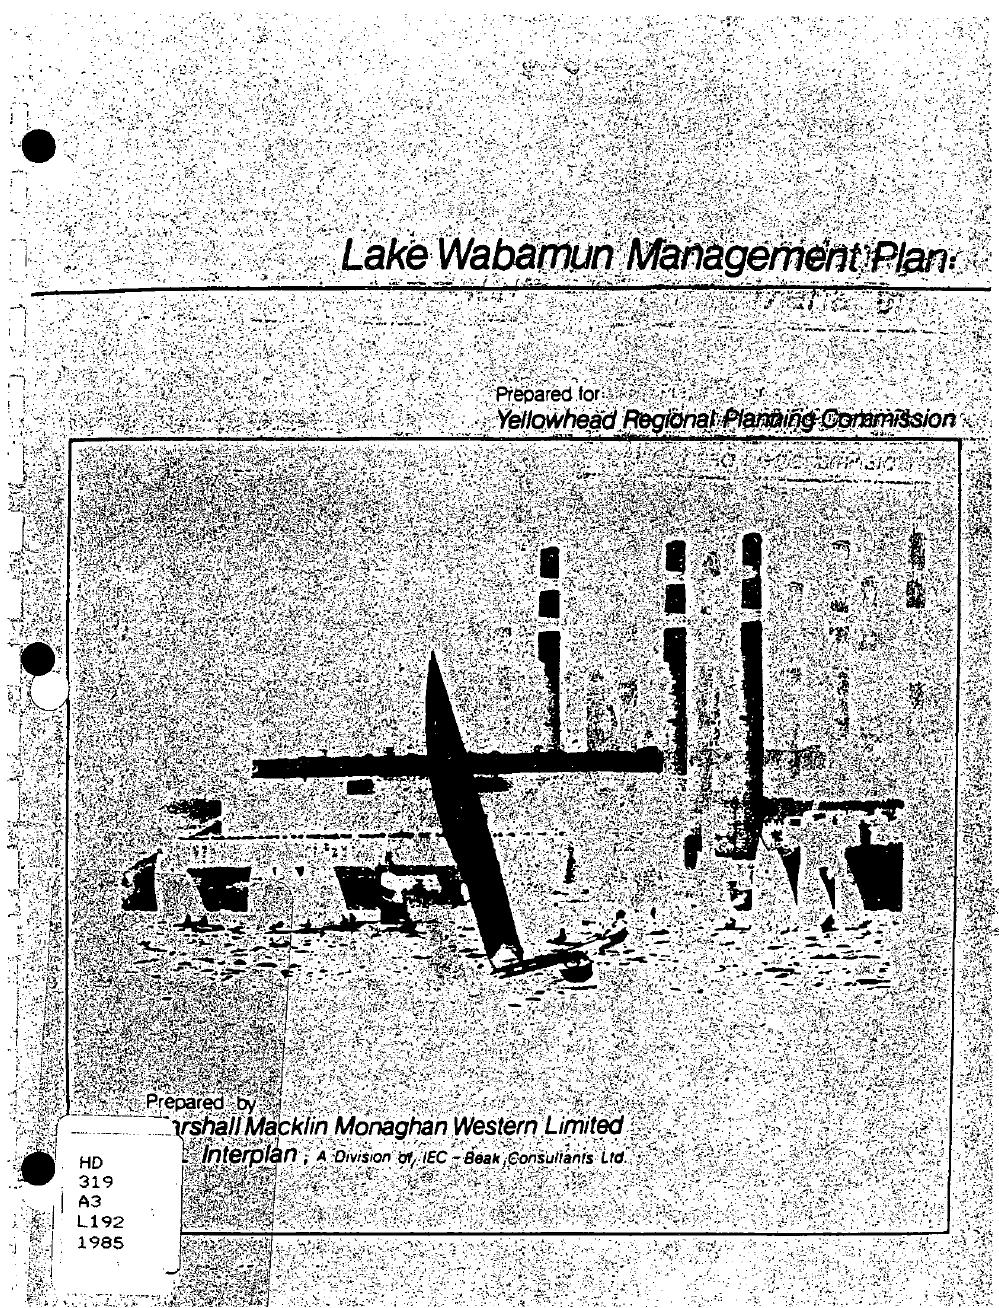 1985 Lake Wabamun Management Plan.png